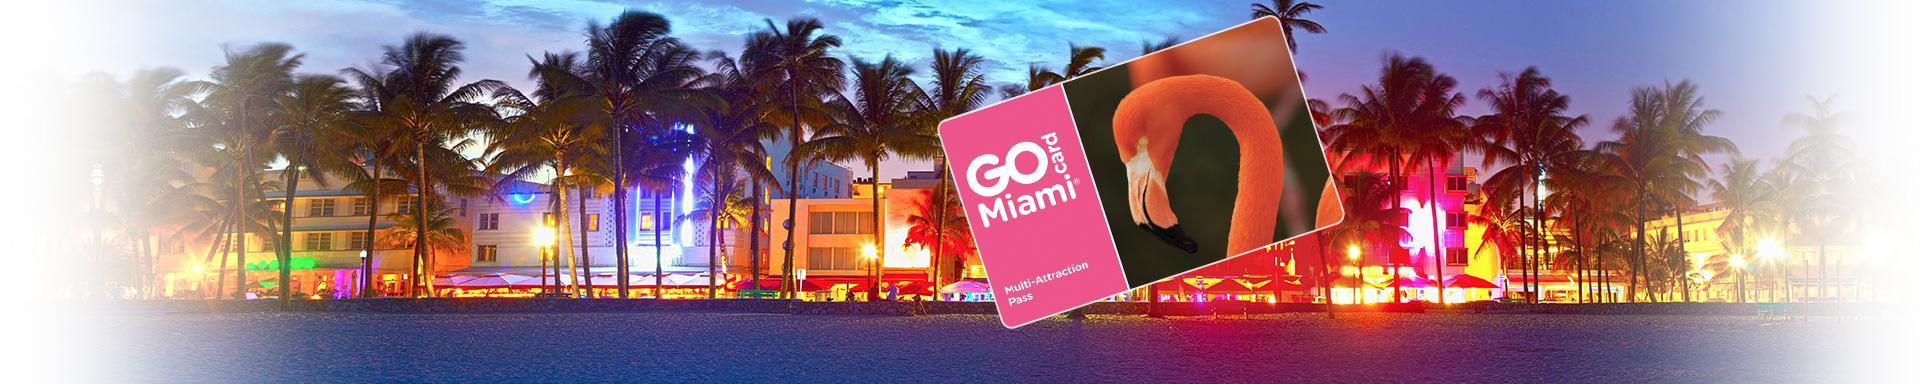 Cartão Go Miami Card